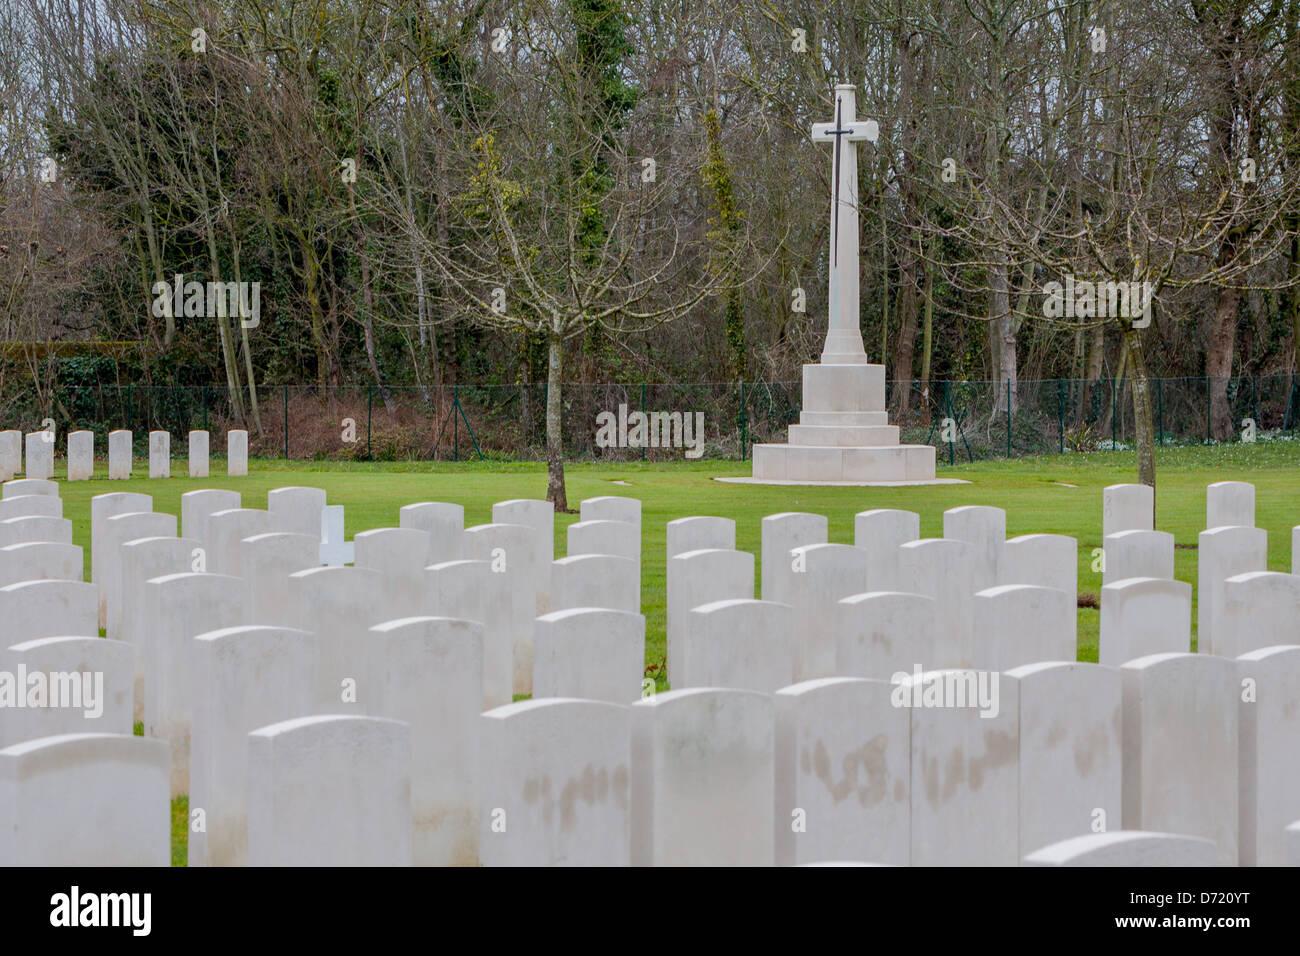 Cimetière militaire et Mémorial français de seconde guerre mondiale (1939-1945) à Hermanville Photo Stock